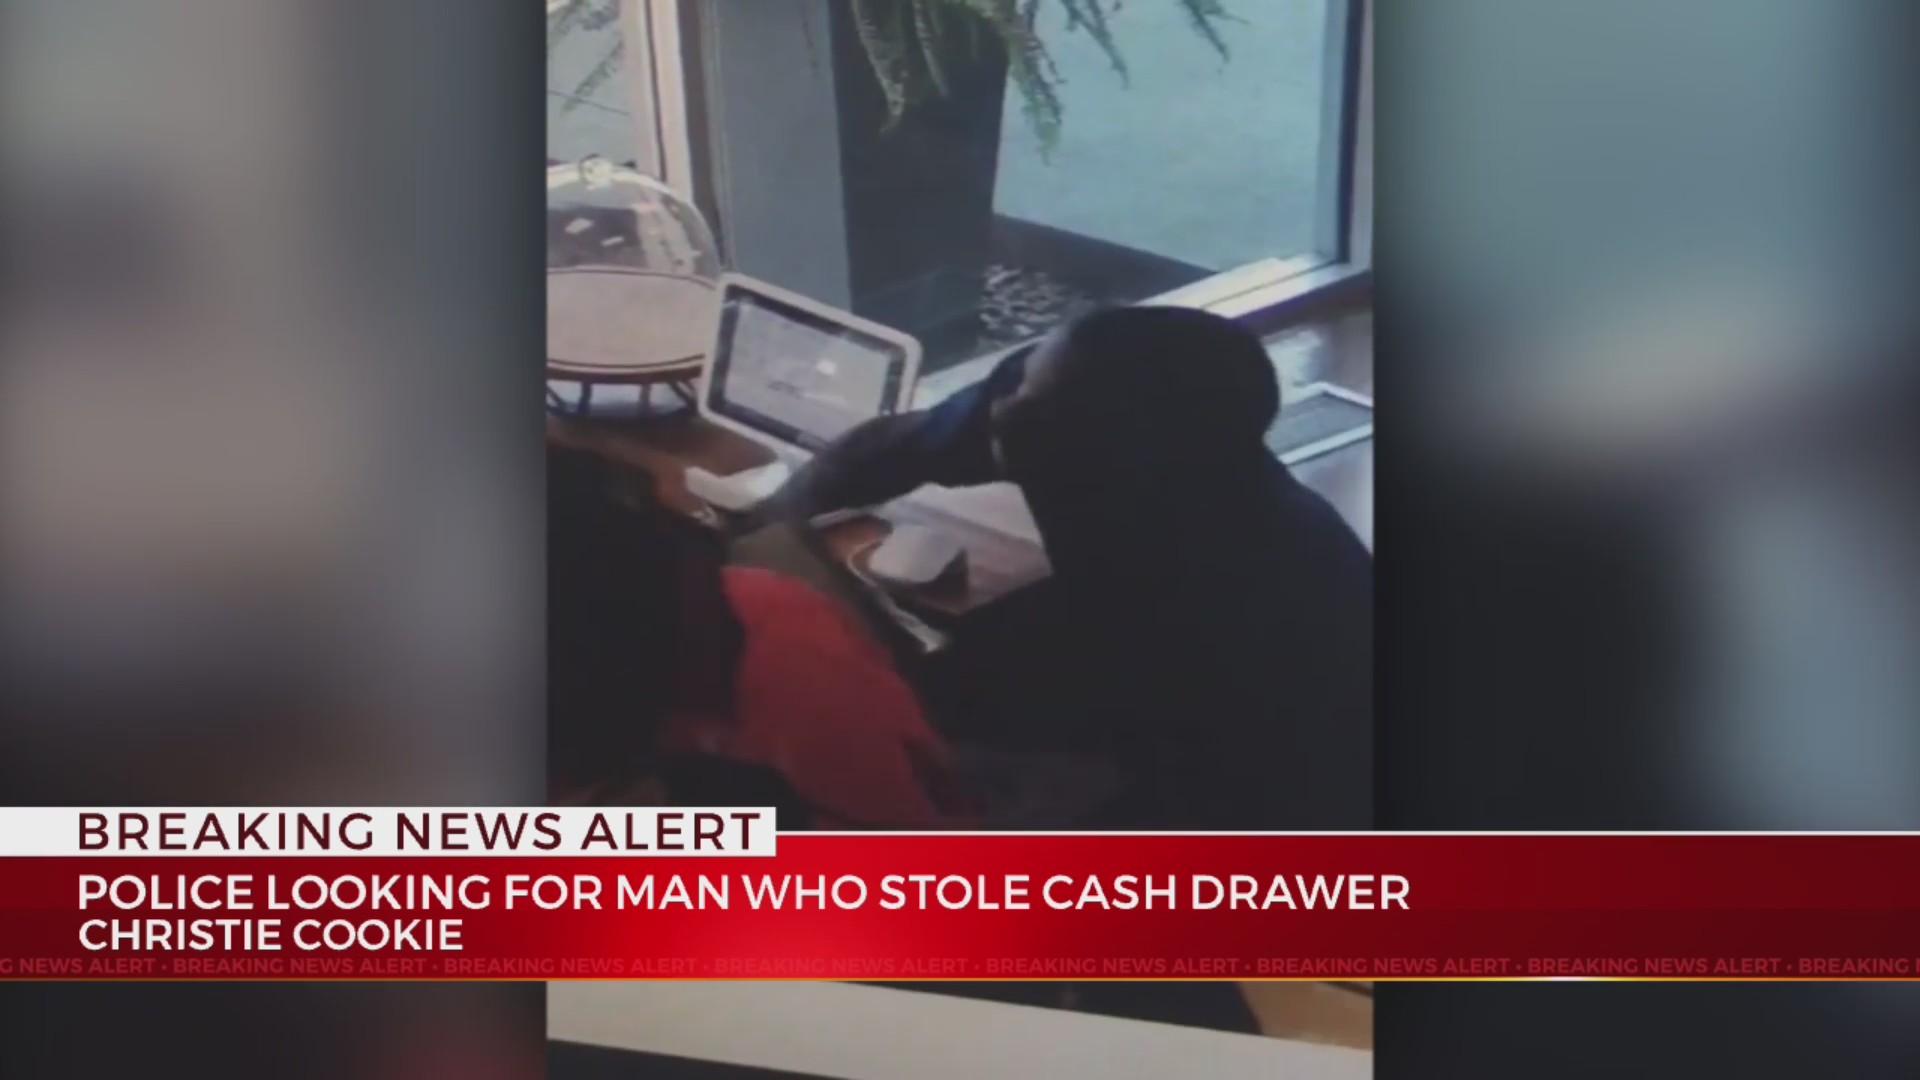 Christie Cookie Thief